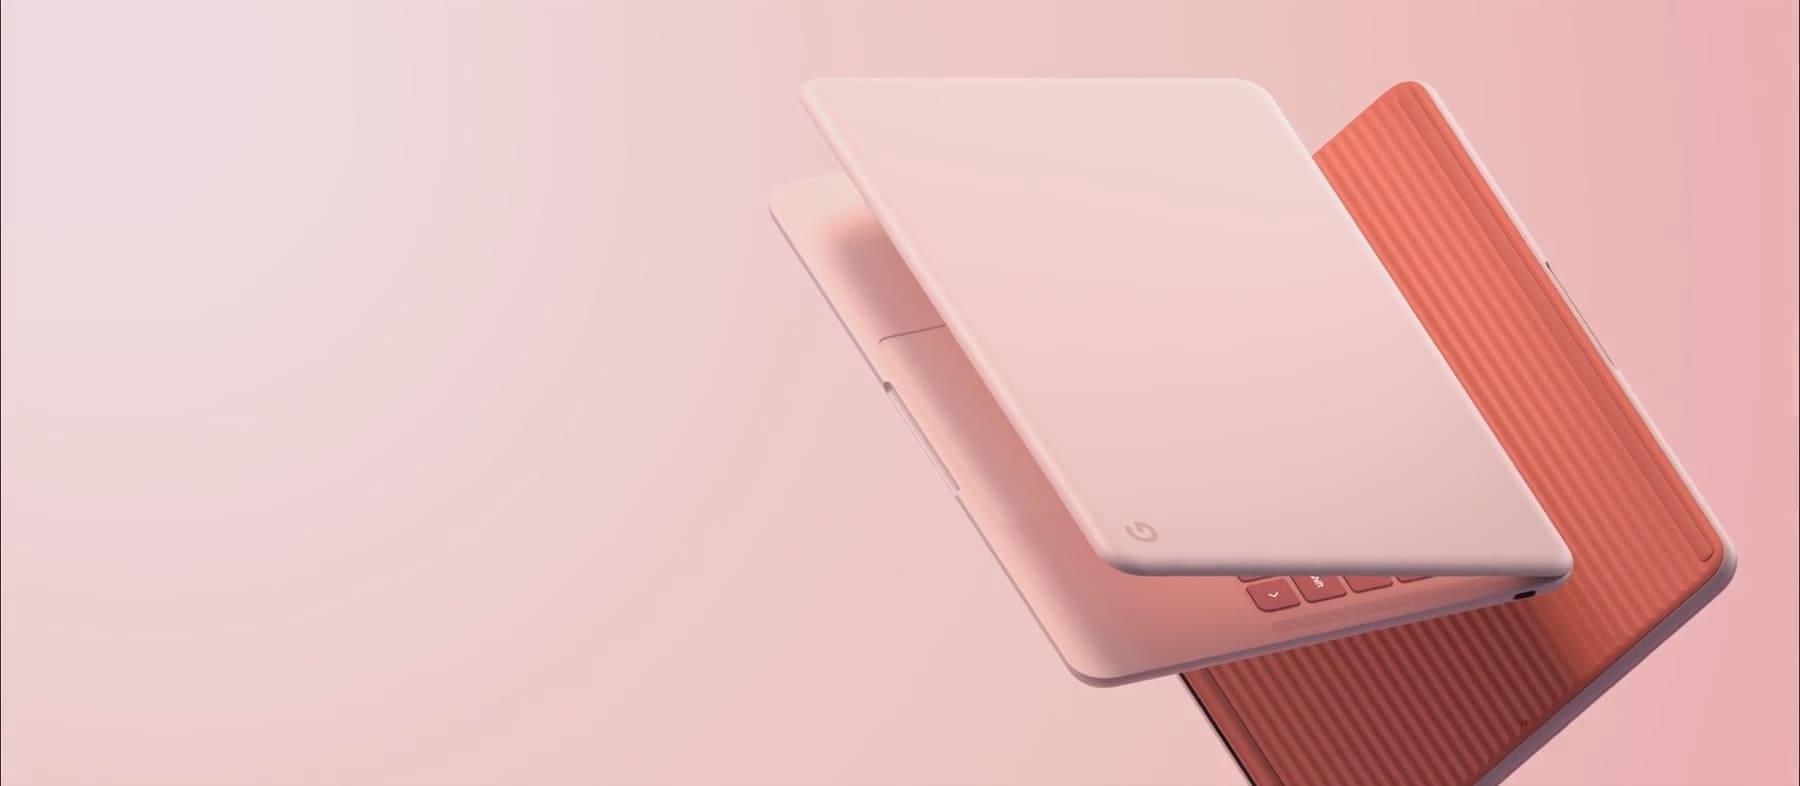 Ноутбук Google Pixelbook Go представлен с Chrome OS и сенсорным экраном